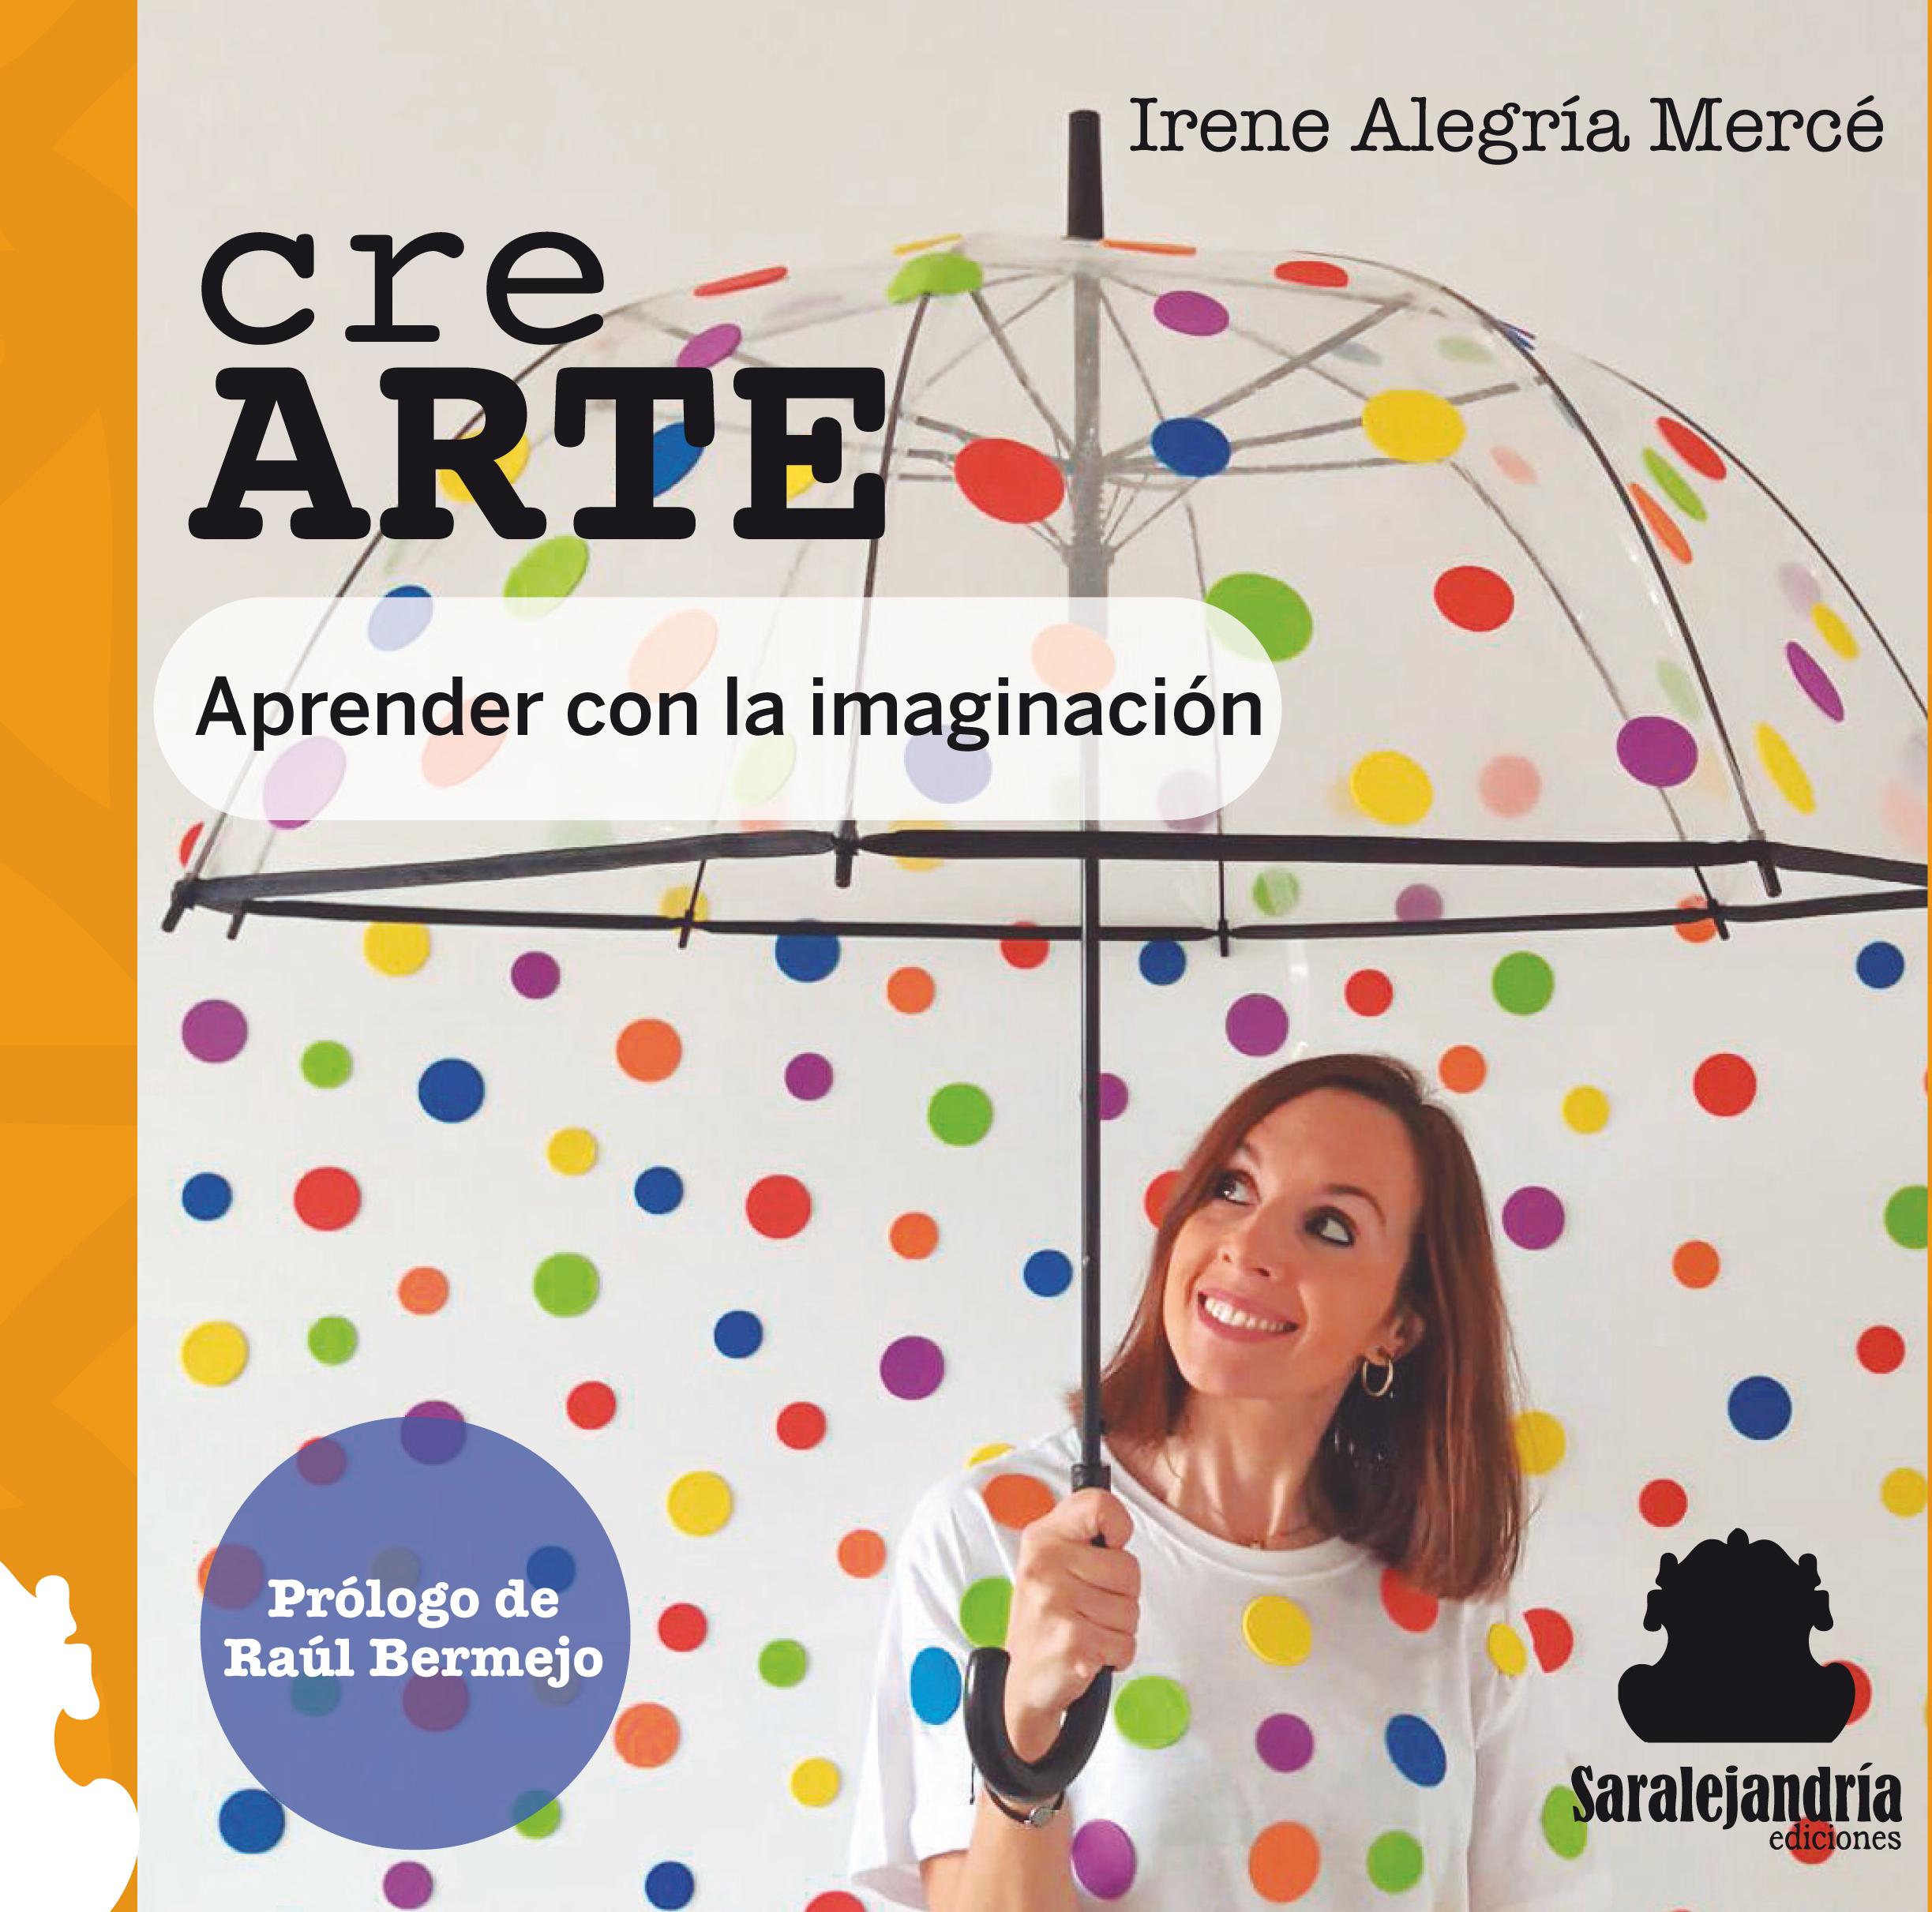 CRE ARTE. Aprender con la imaginación